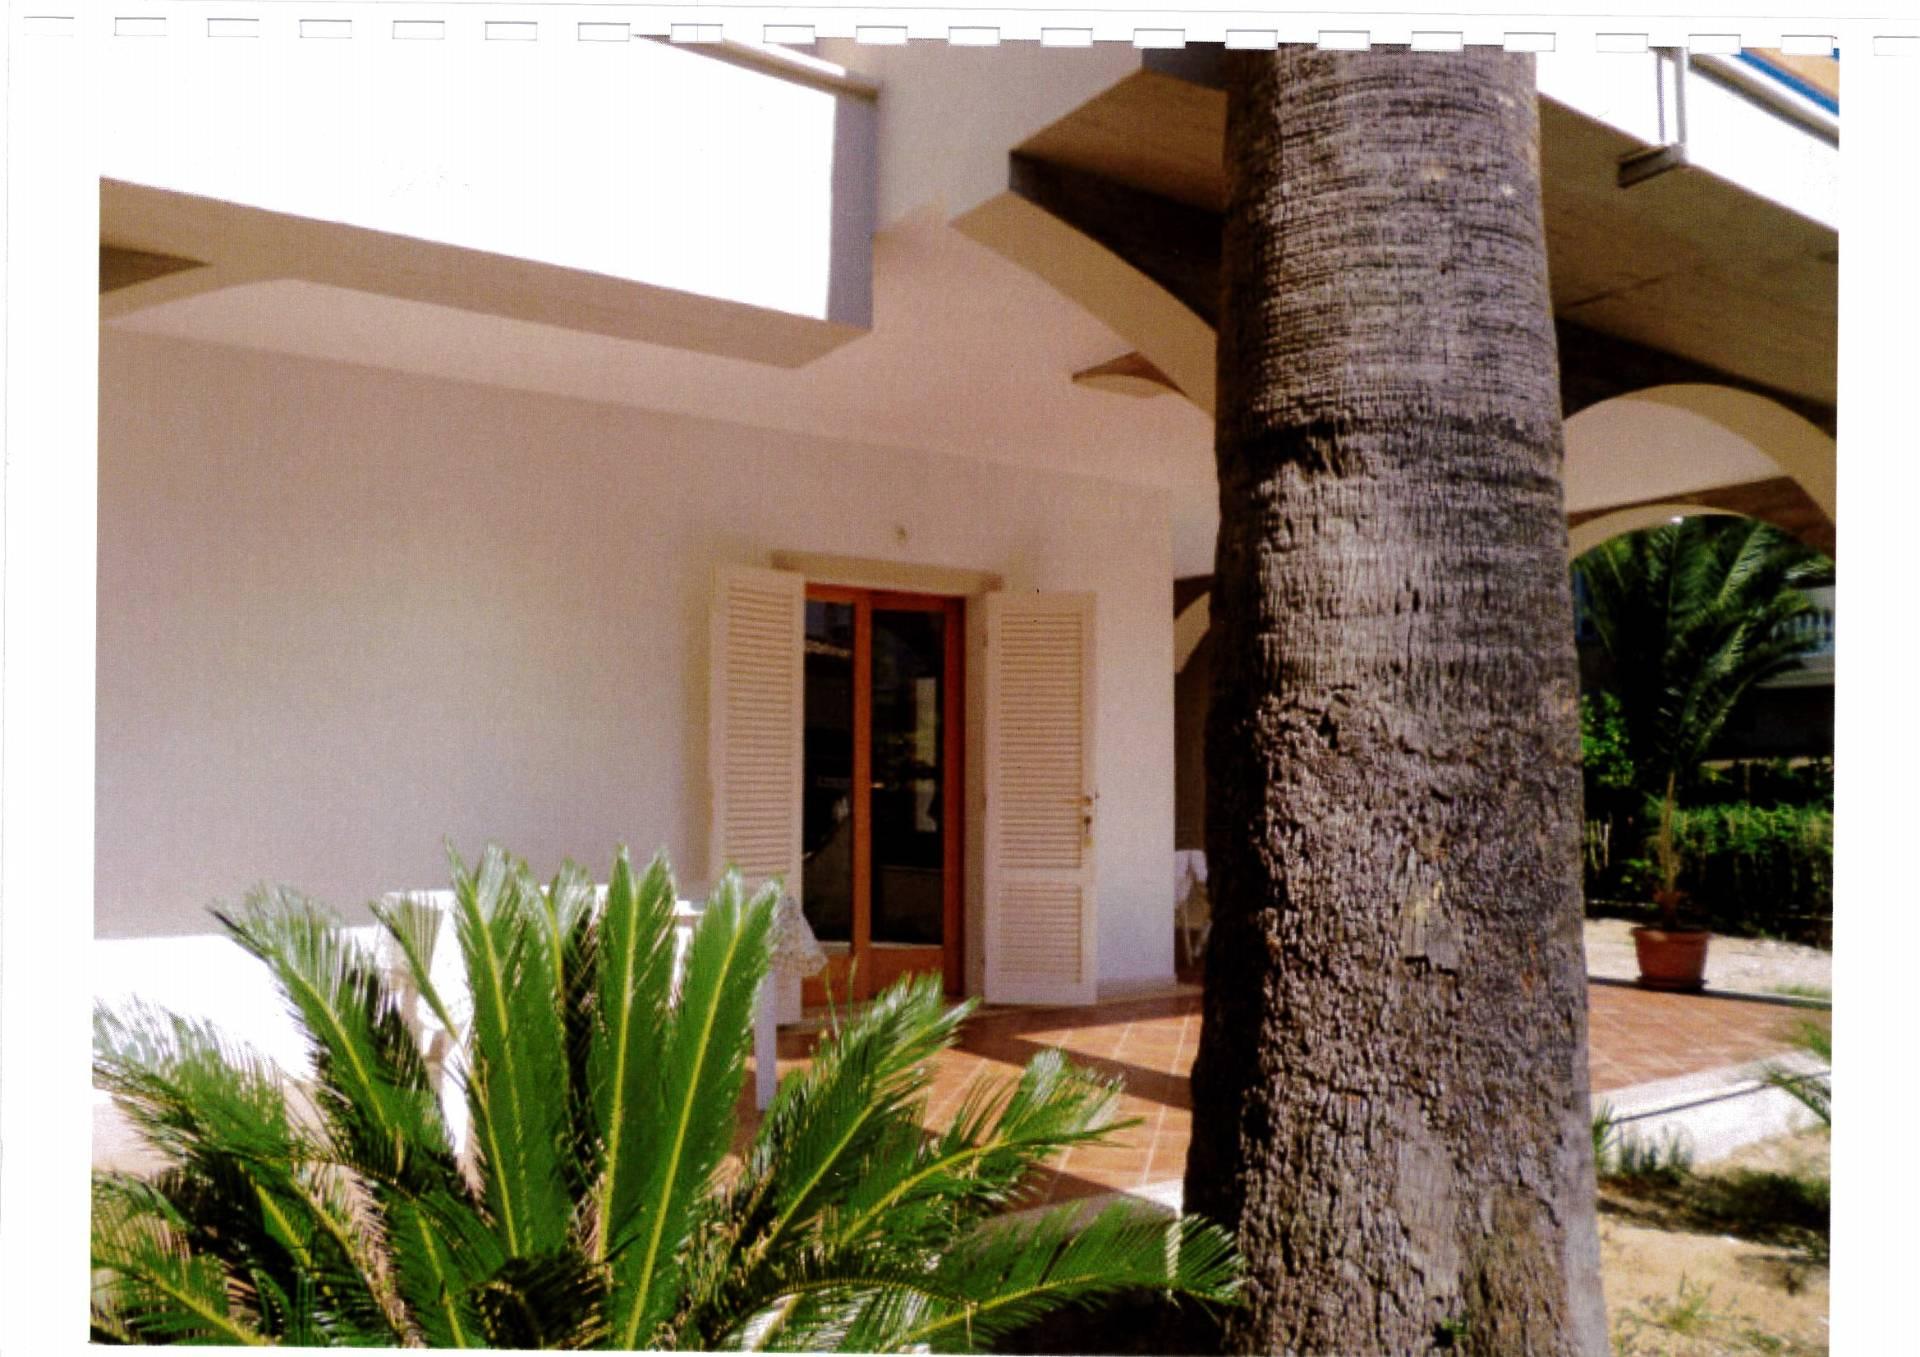 Villa Bifamiliare in affitto a Tortoreto, 5 locali, zona Località: TortoretoLido, prezzo € 700 | Cambio Casa.it